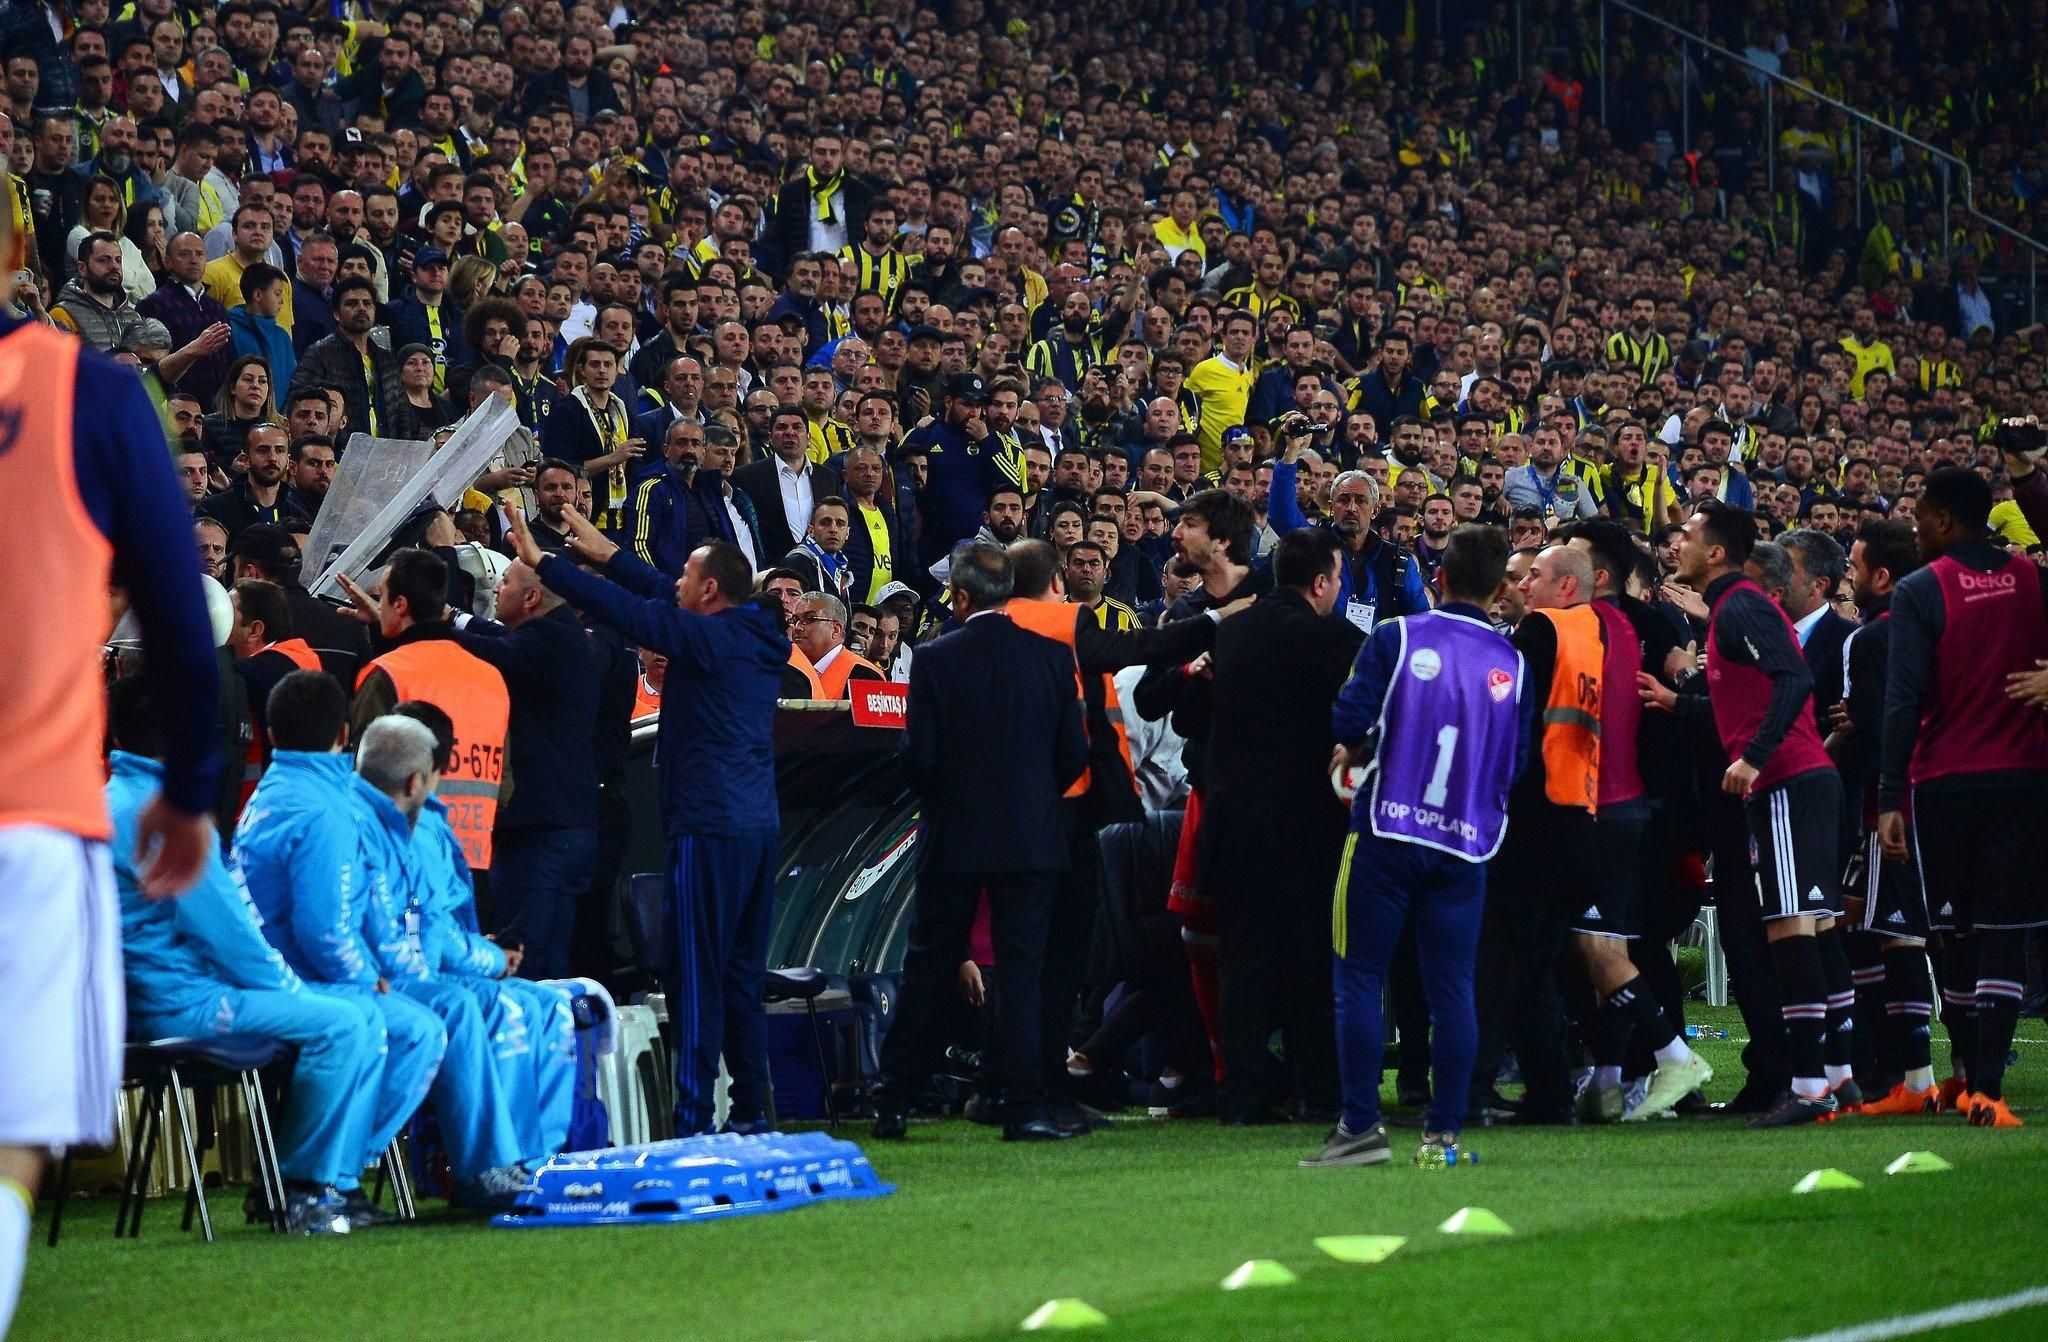 """Olaylı """"Fənərbaxça"""" - """"Beşiktaş"""" matçı ilə bağlı yekun qərar verildi - <font color=#ff0000>RƏSMİ</font></strong>"""